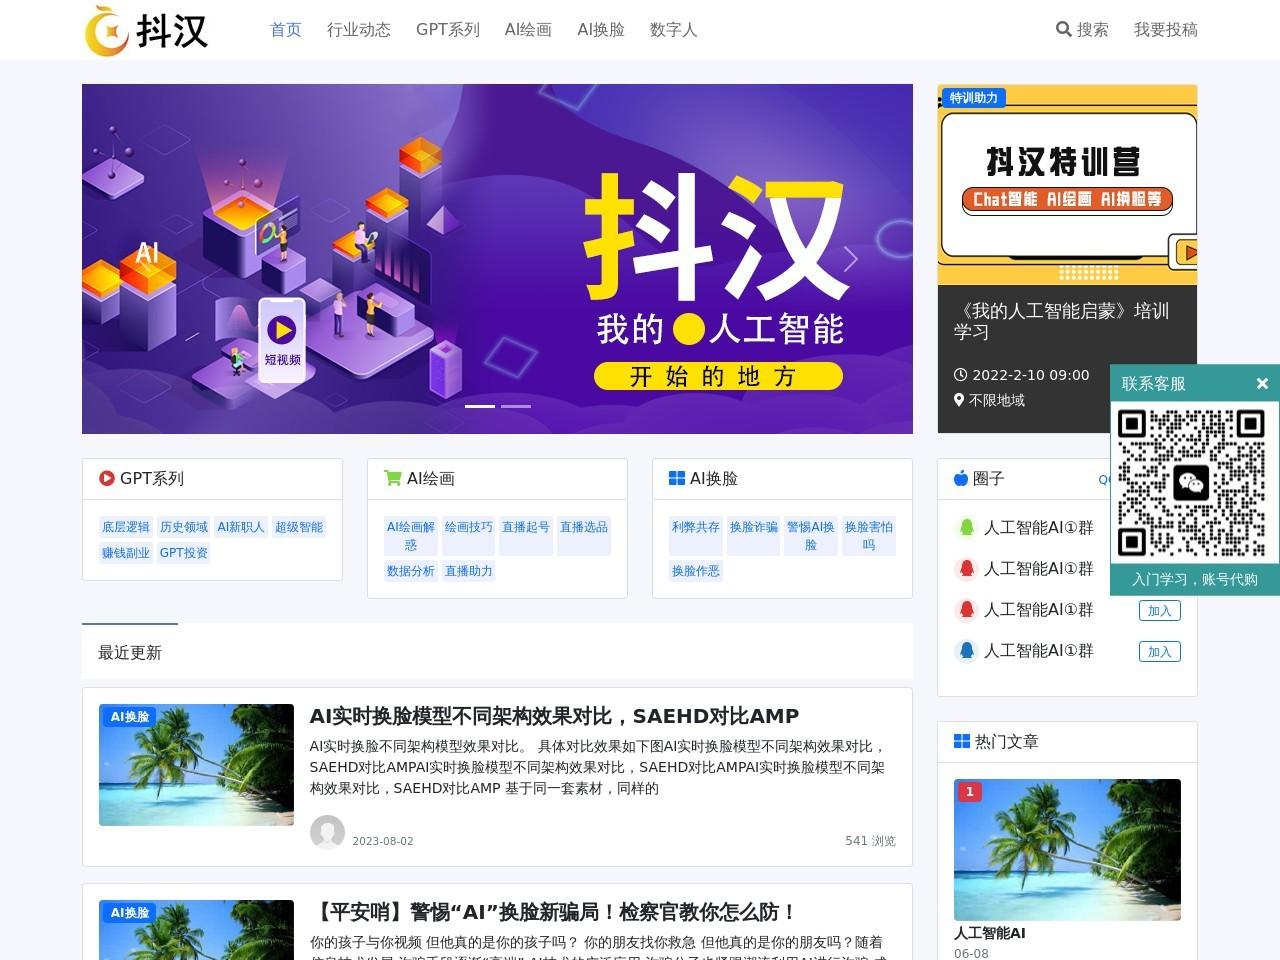 游戏代理-免费网络游戏代理加盟-网页游戏代理平台-手游代理平台-SDK平台系统-挖辣椒